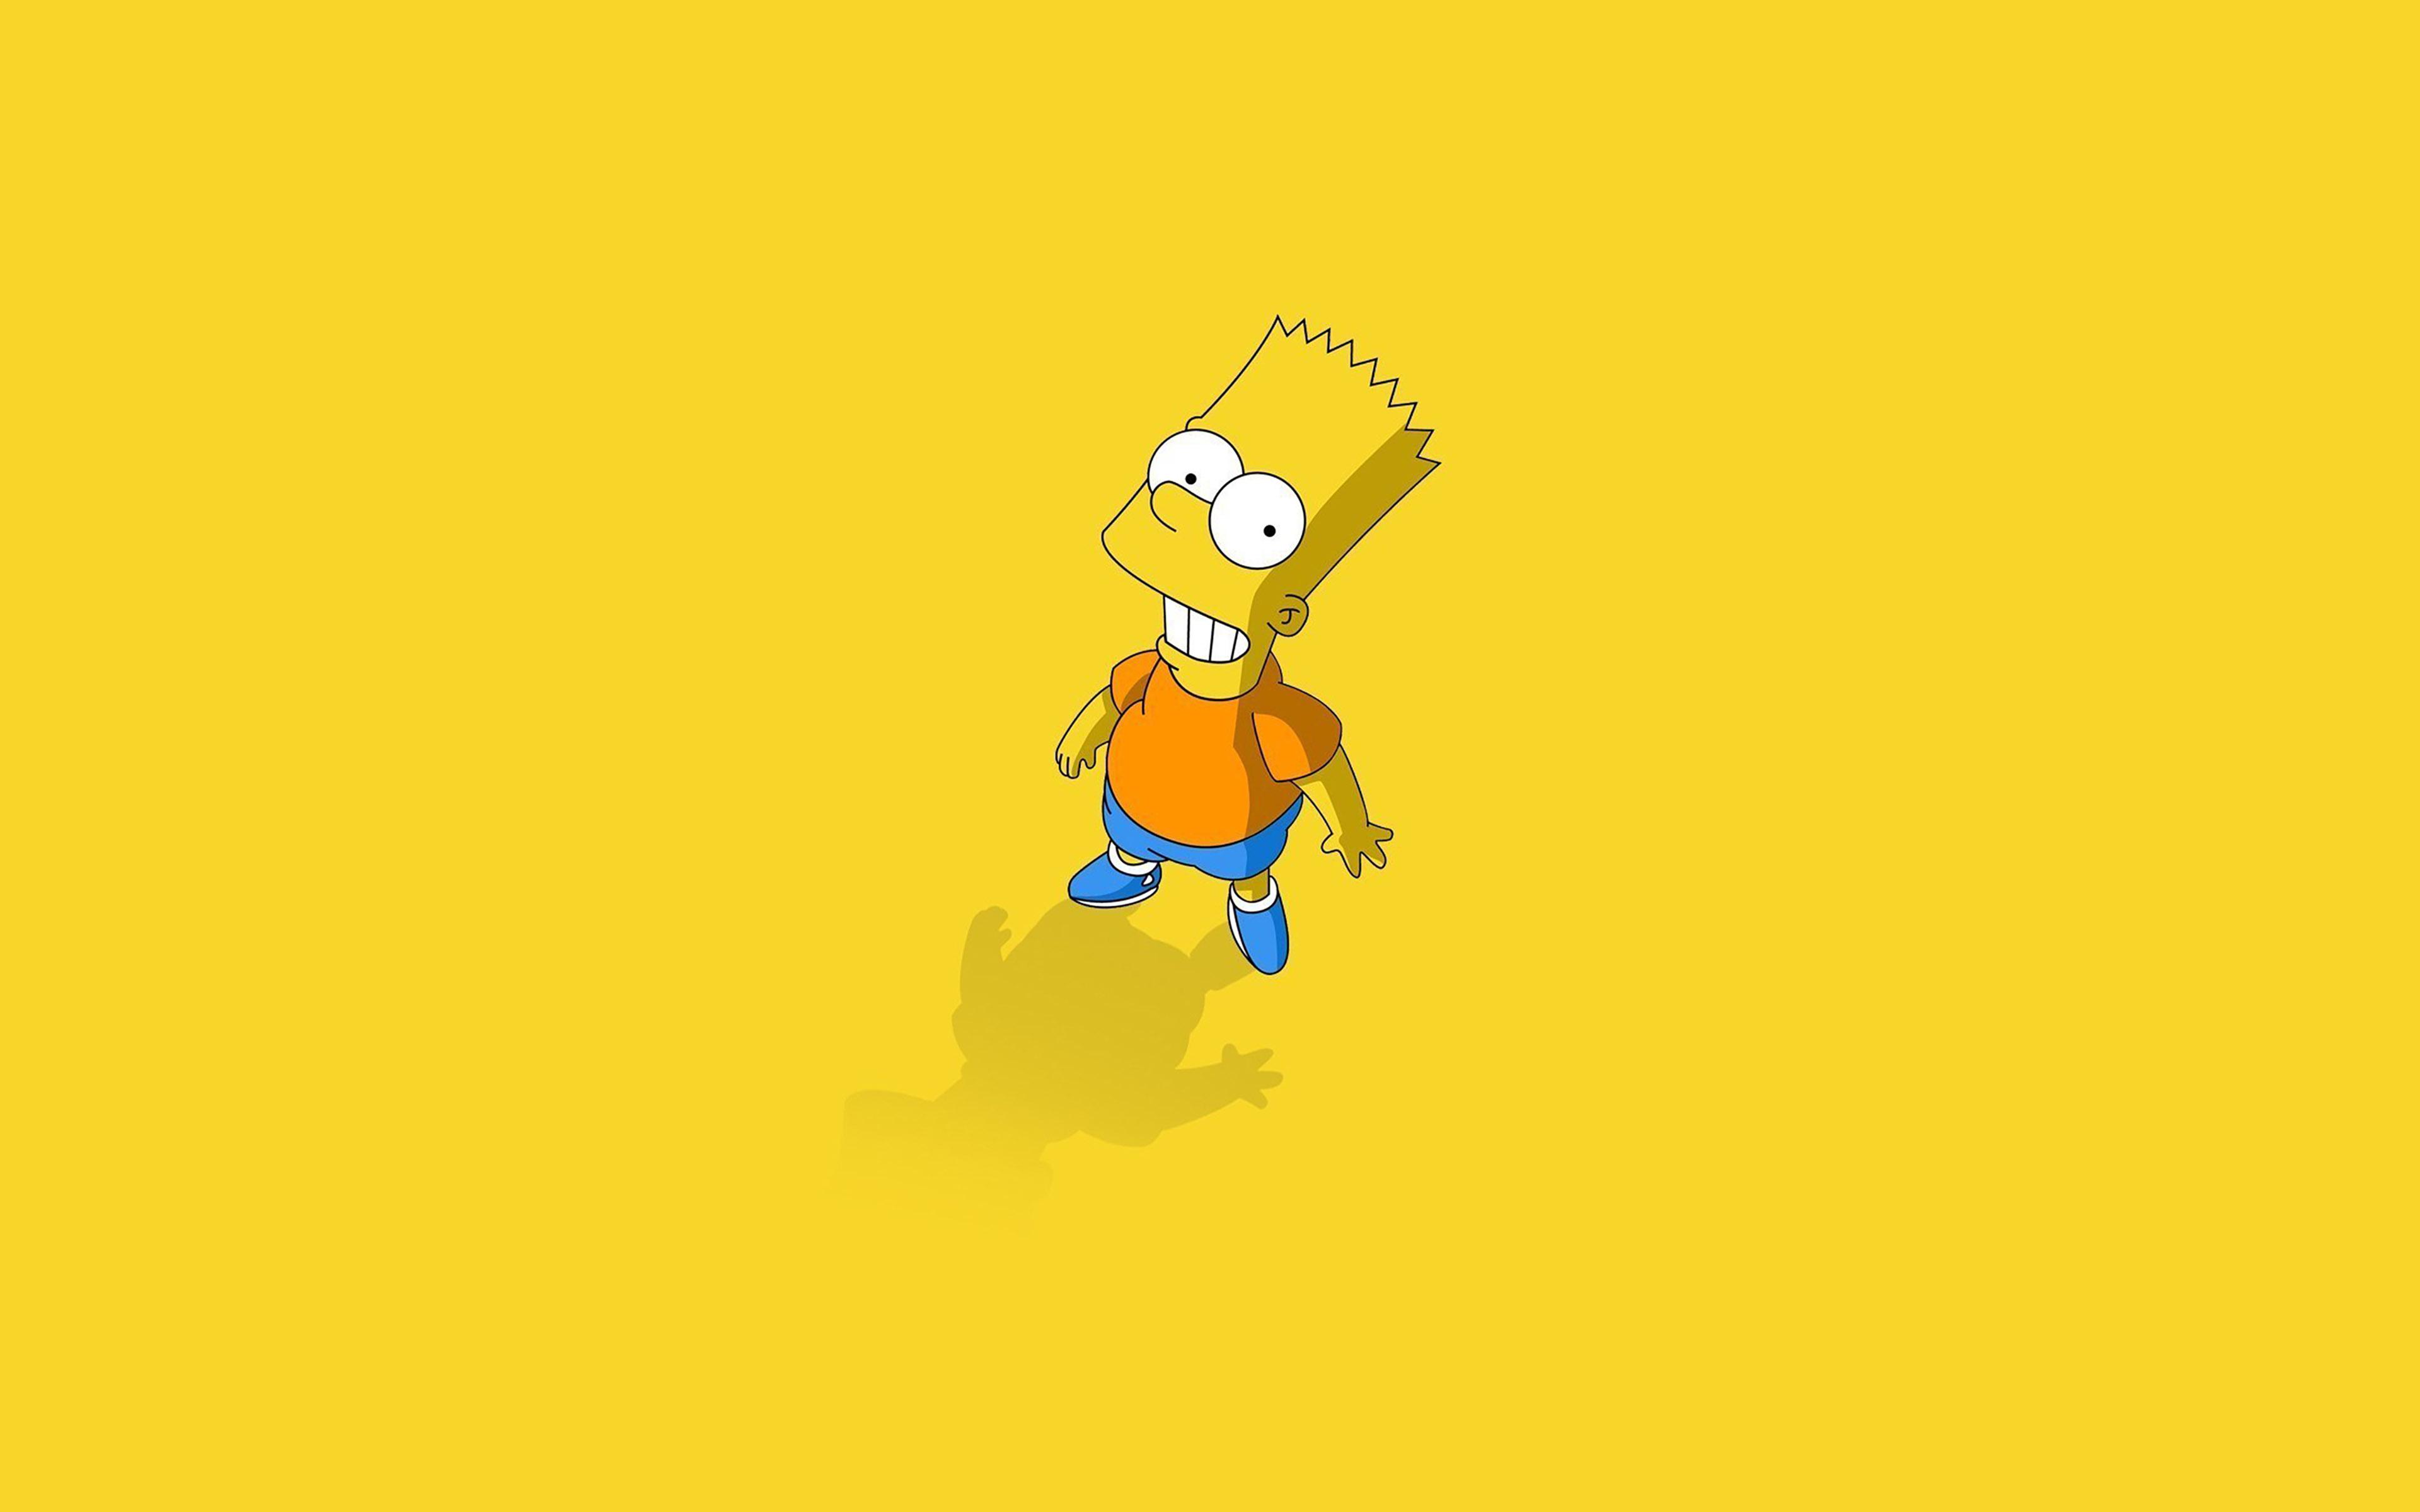 Wallpaper For Desktop Laptop Af48 Hi I Am Bart Simpsons